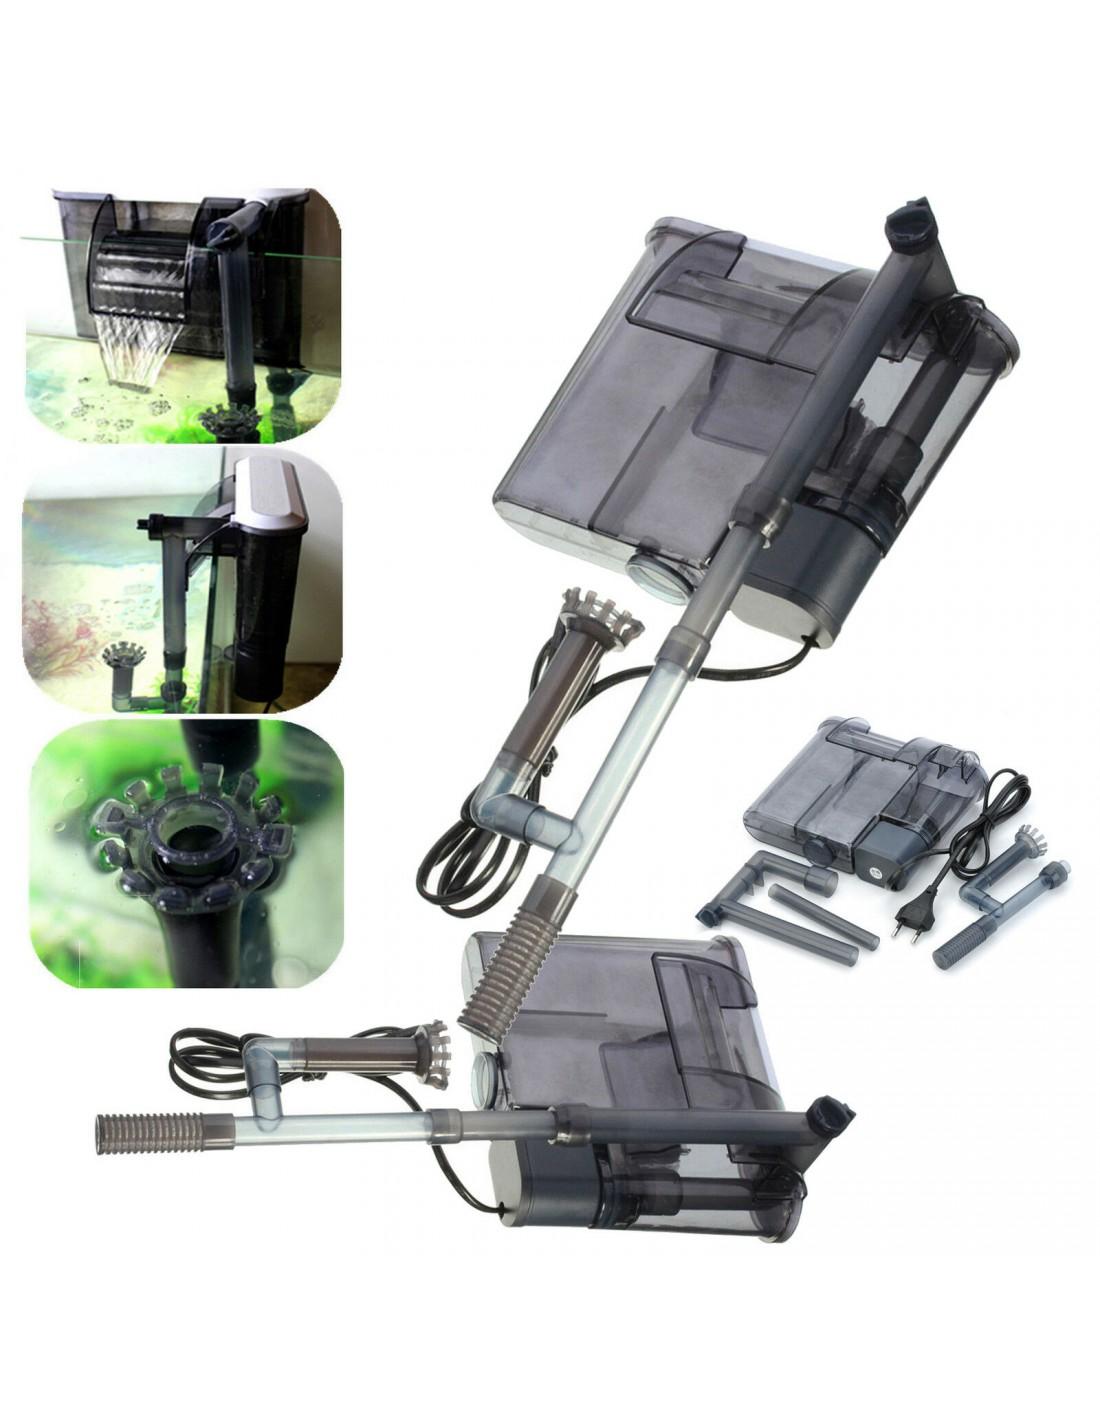 Lampada lente di ingrandimento da tavolo con 10 led portatile 120 mm a 28mm topolenashop s r l - Lampada da tavolo con lente ...